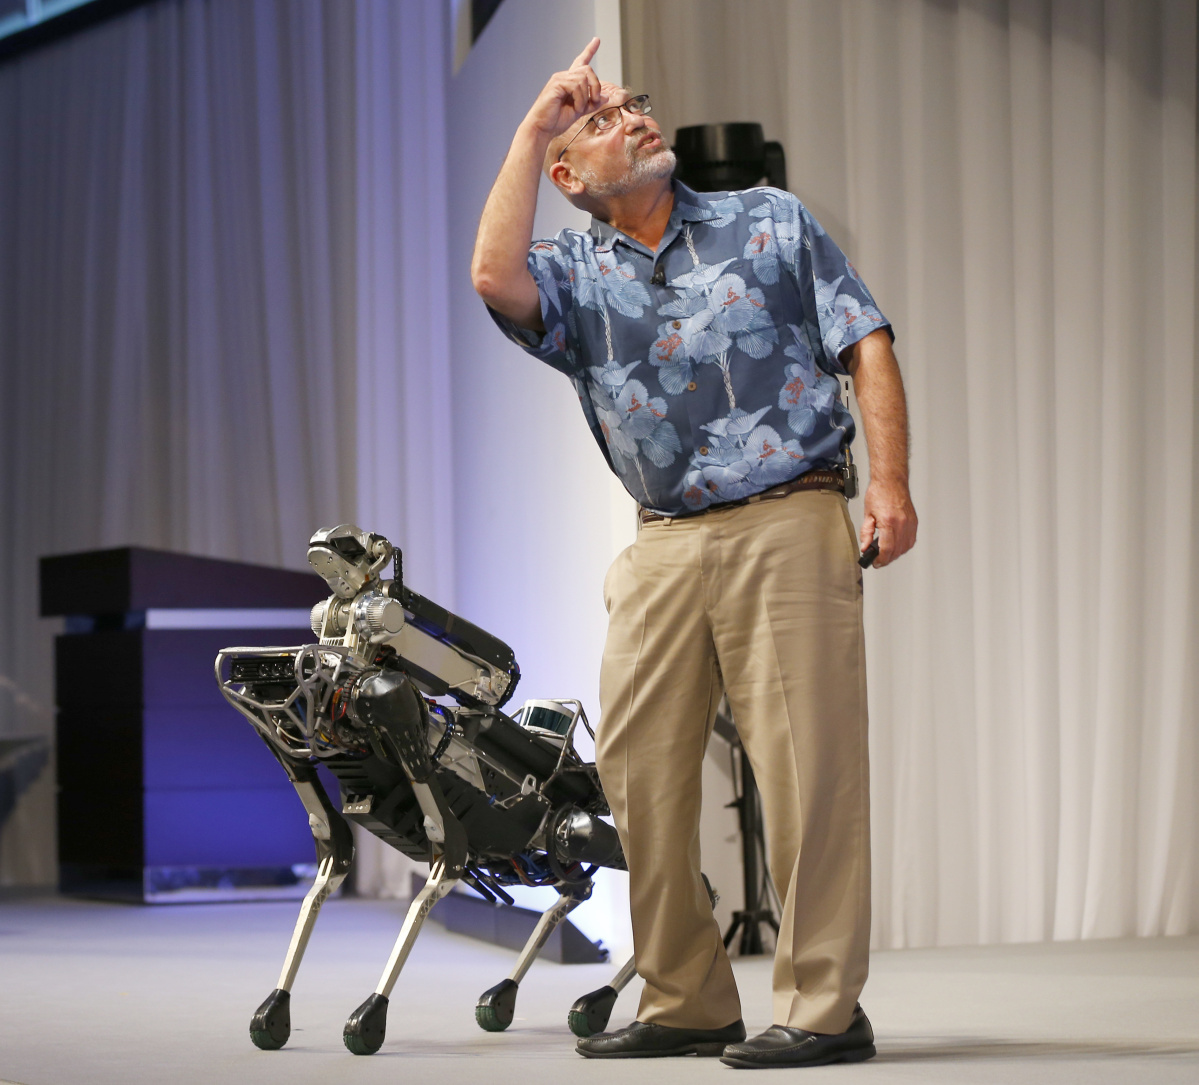 Эволюция роботов от Boston Dynamics